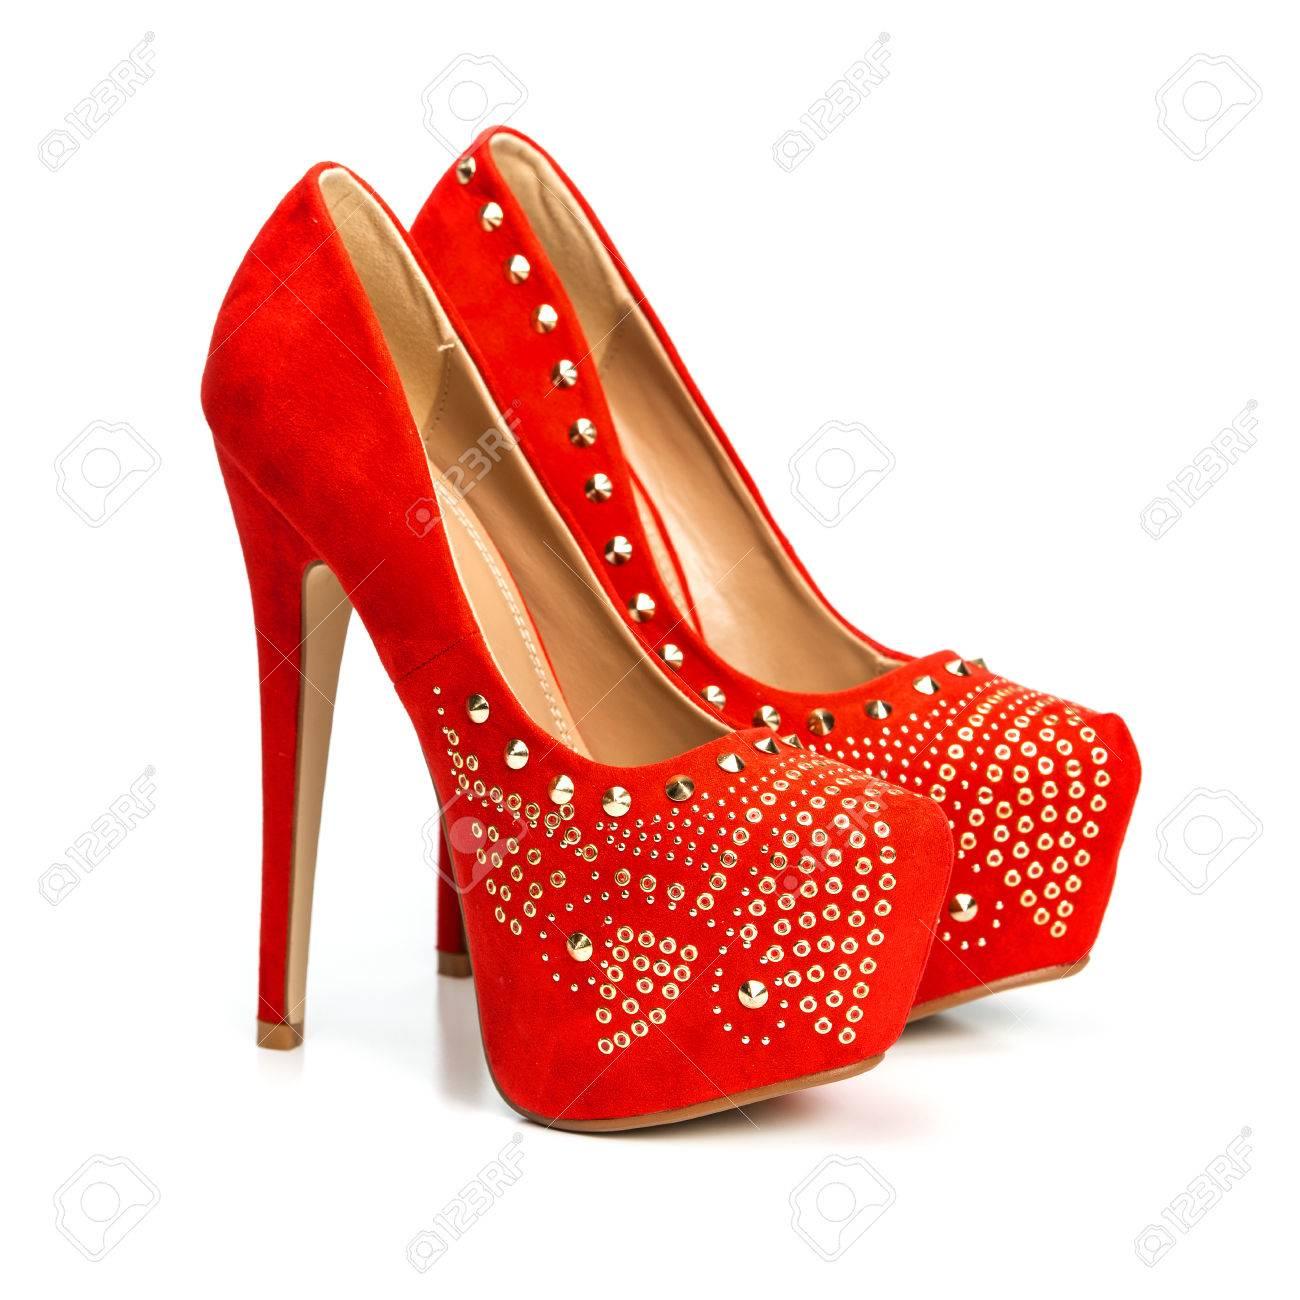 861d7eb5b62 Banque d images - La mode chaussures talons hauts en rouge et or avec une  plate-forme interne strass. Isolé sur tout.